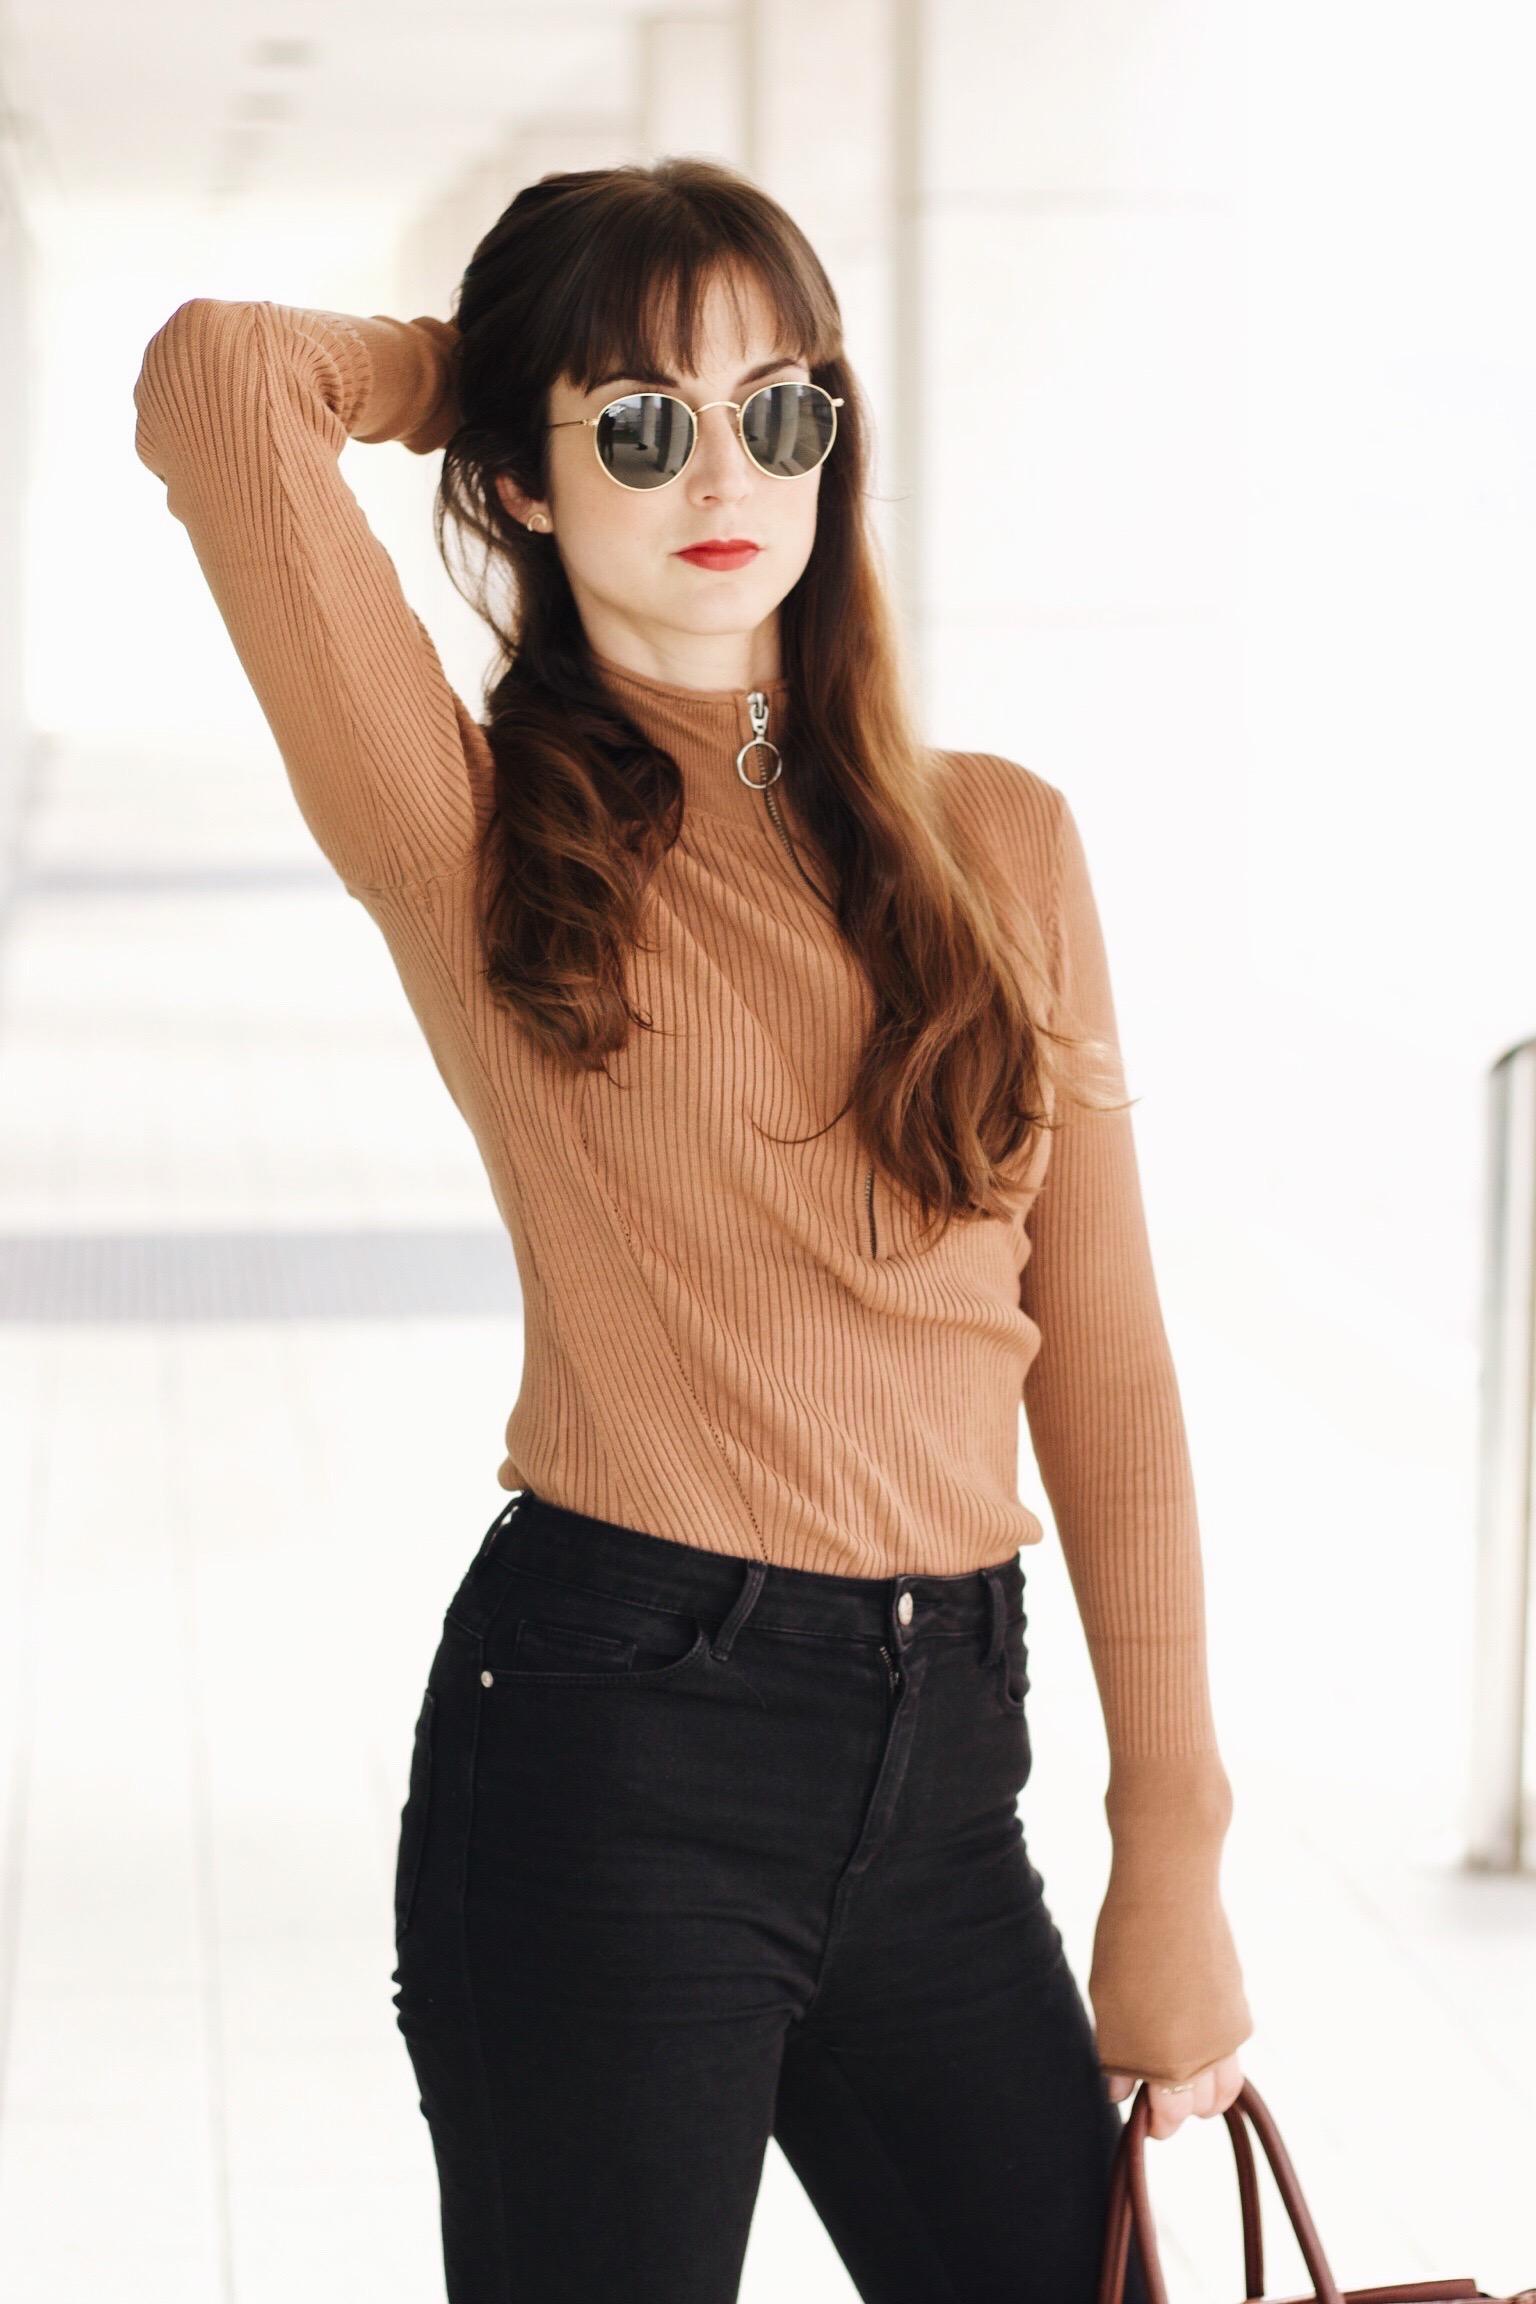 Leo Pumps Netzstrumpfhose und Birkin Bag im Outfitpost auf meinem Modeblog